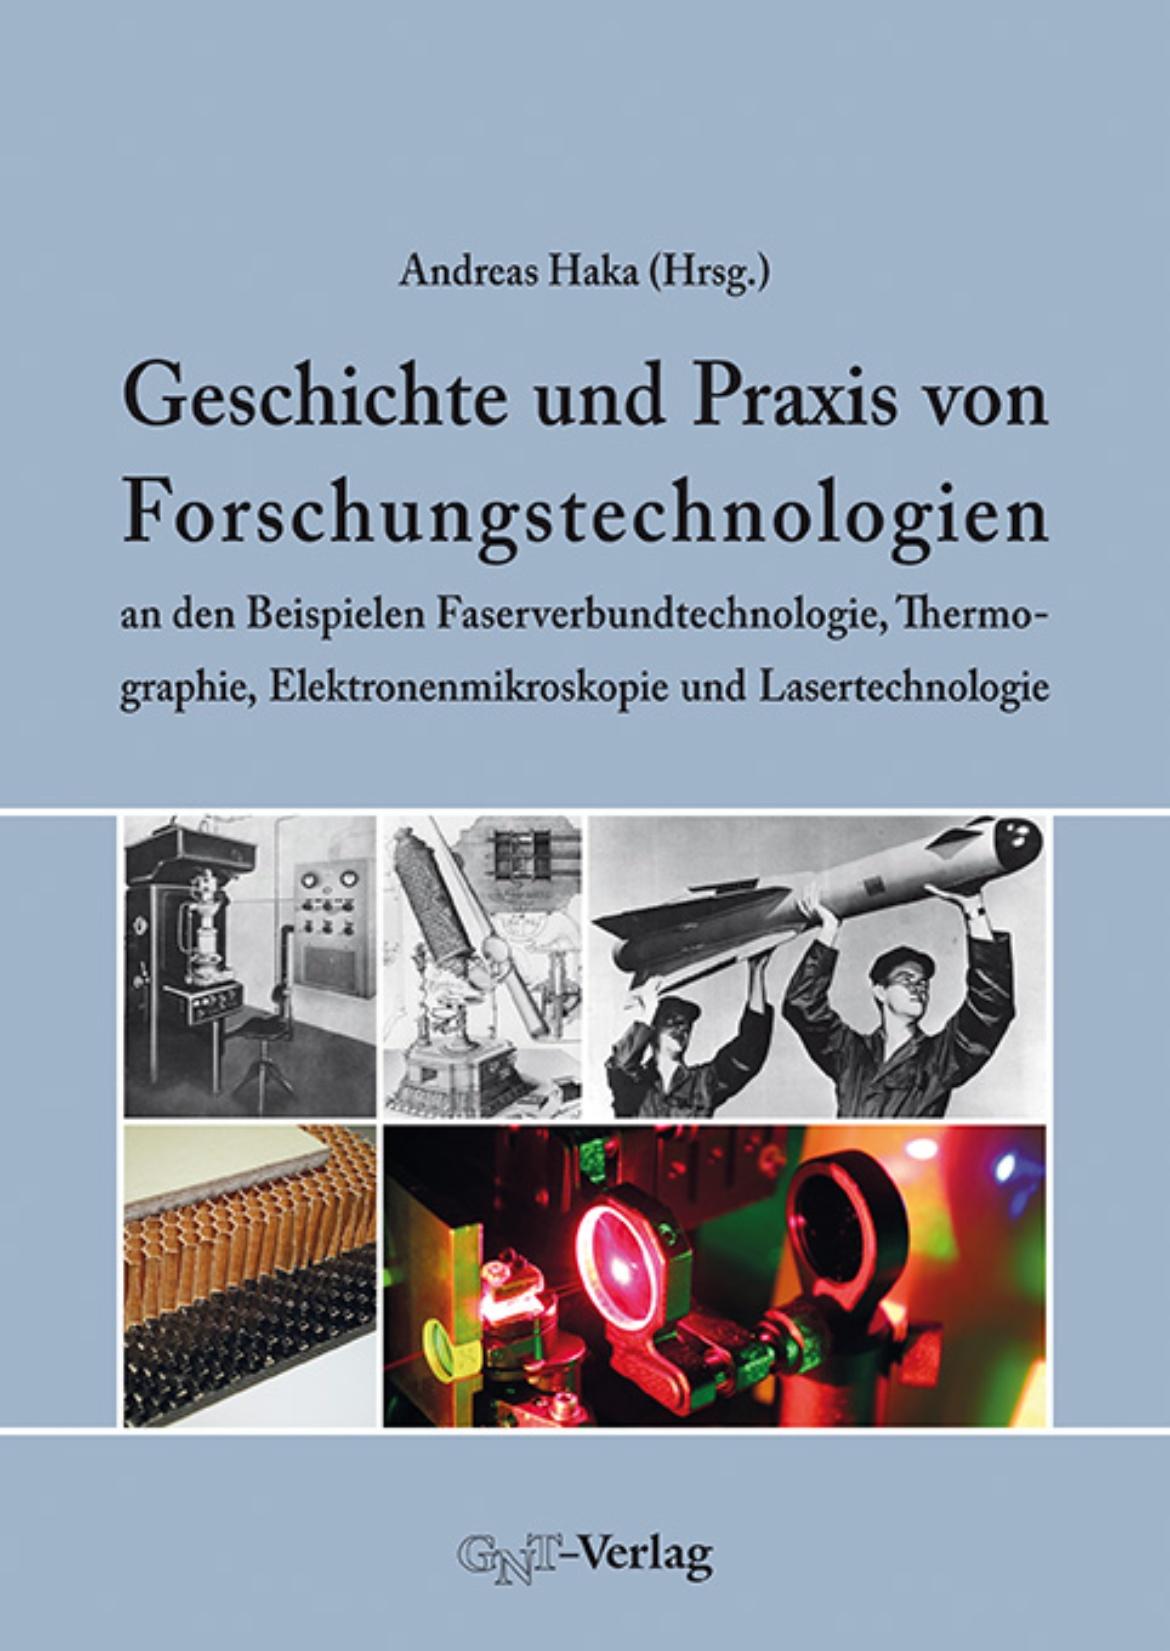 Forschungstechnologien